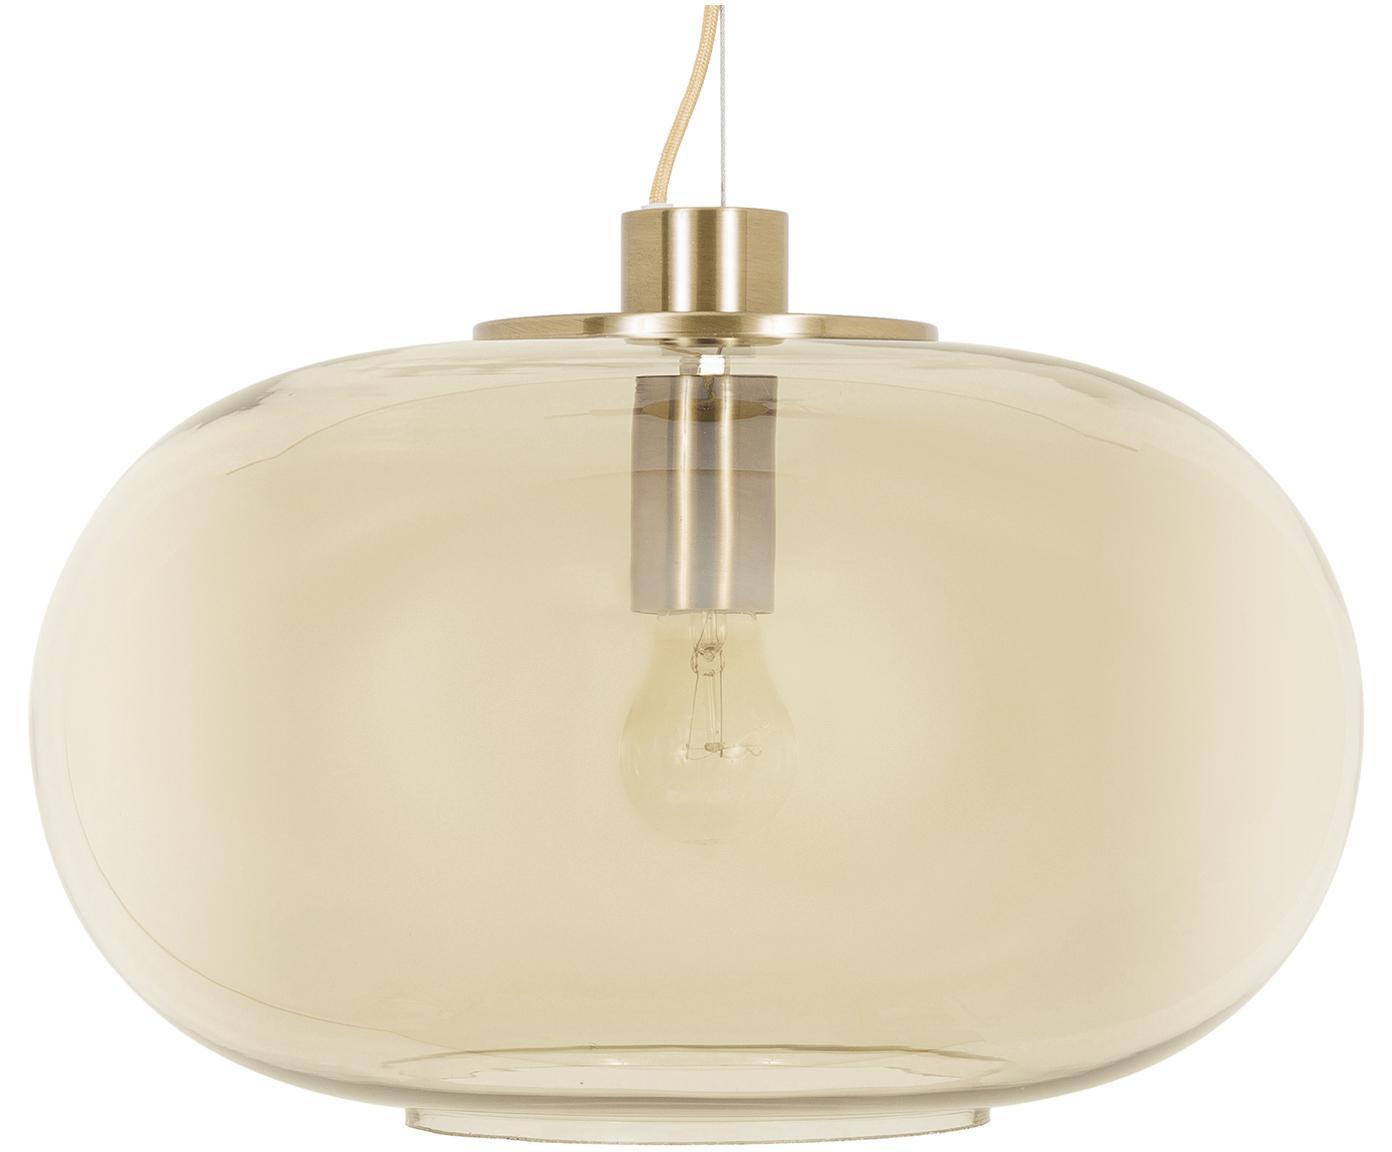 Lámpara de techo Lunar, Anclaje: metal cepillado, Pantalla: vidrio, Cable: cubierto en tela, Anclaje: latón, mate Pantalla: ámbar, transparente, Ø 40 x Al 23 cm